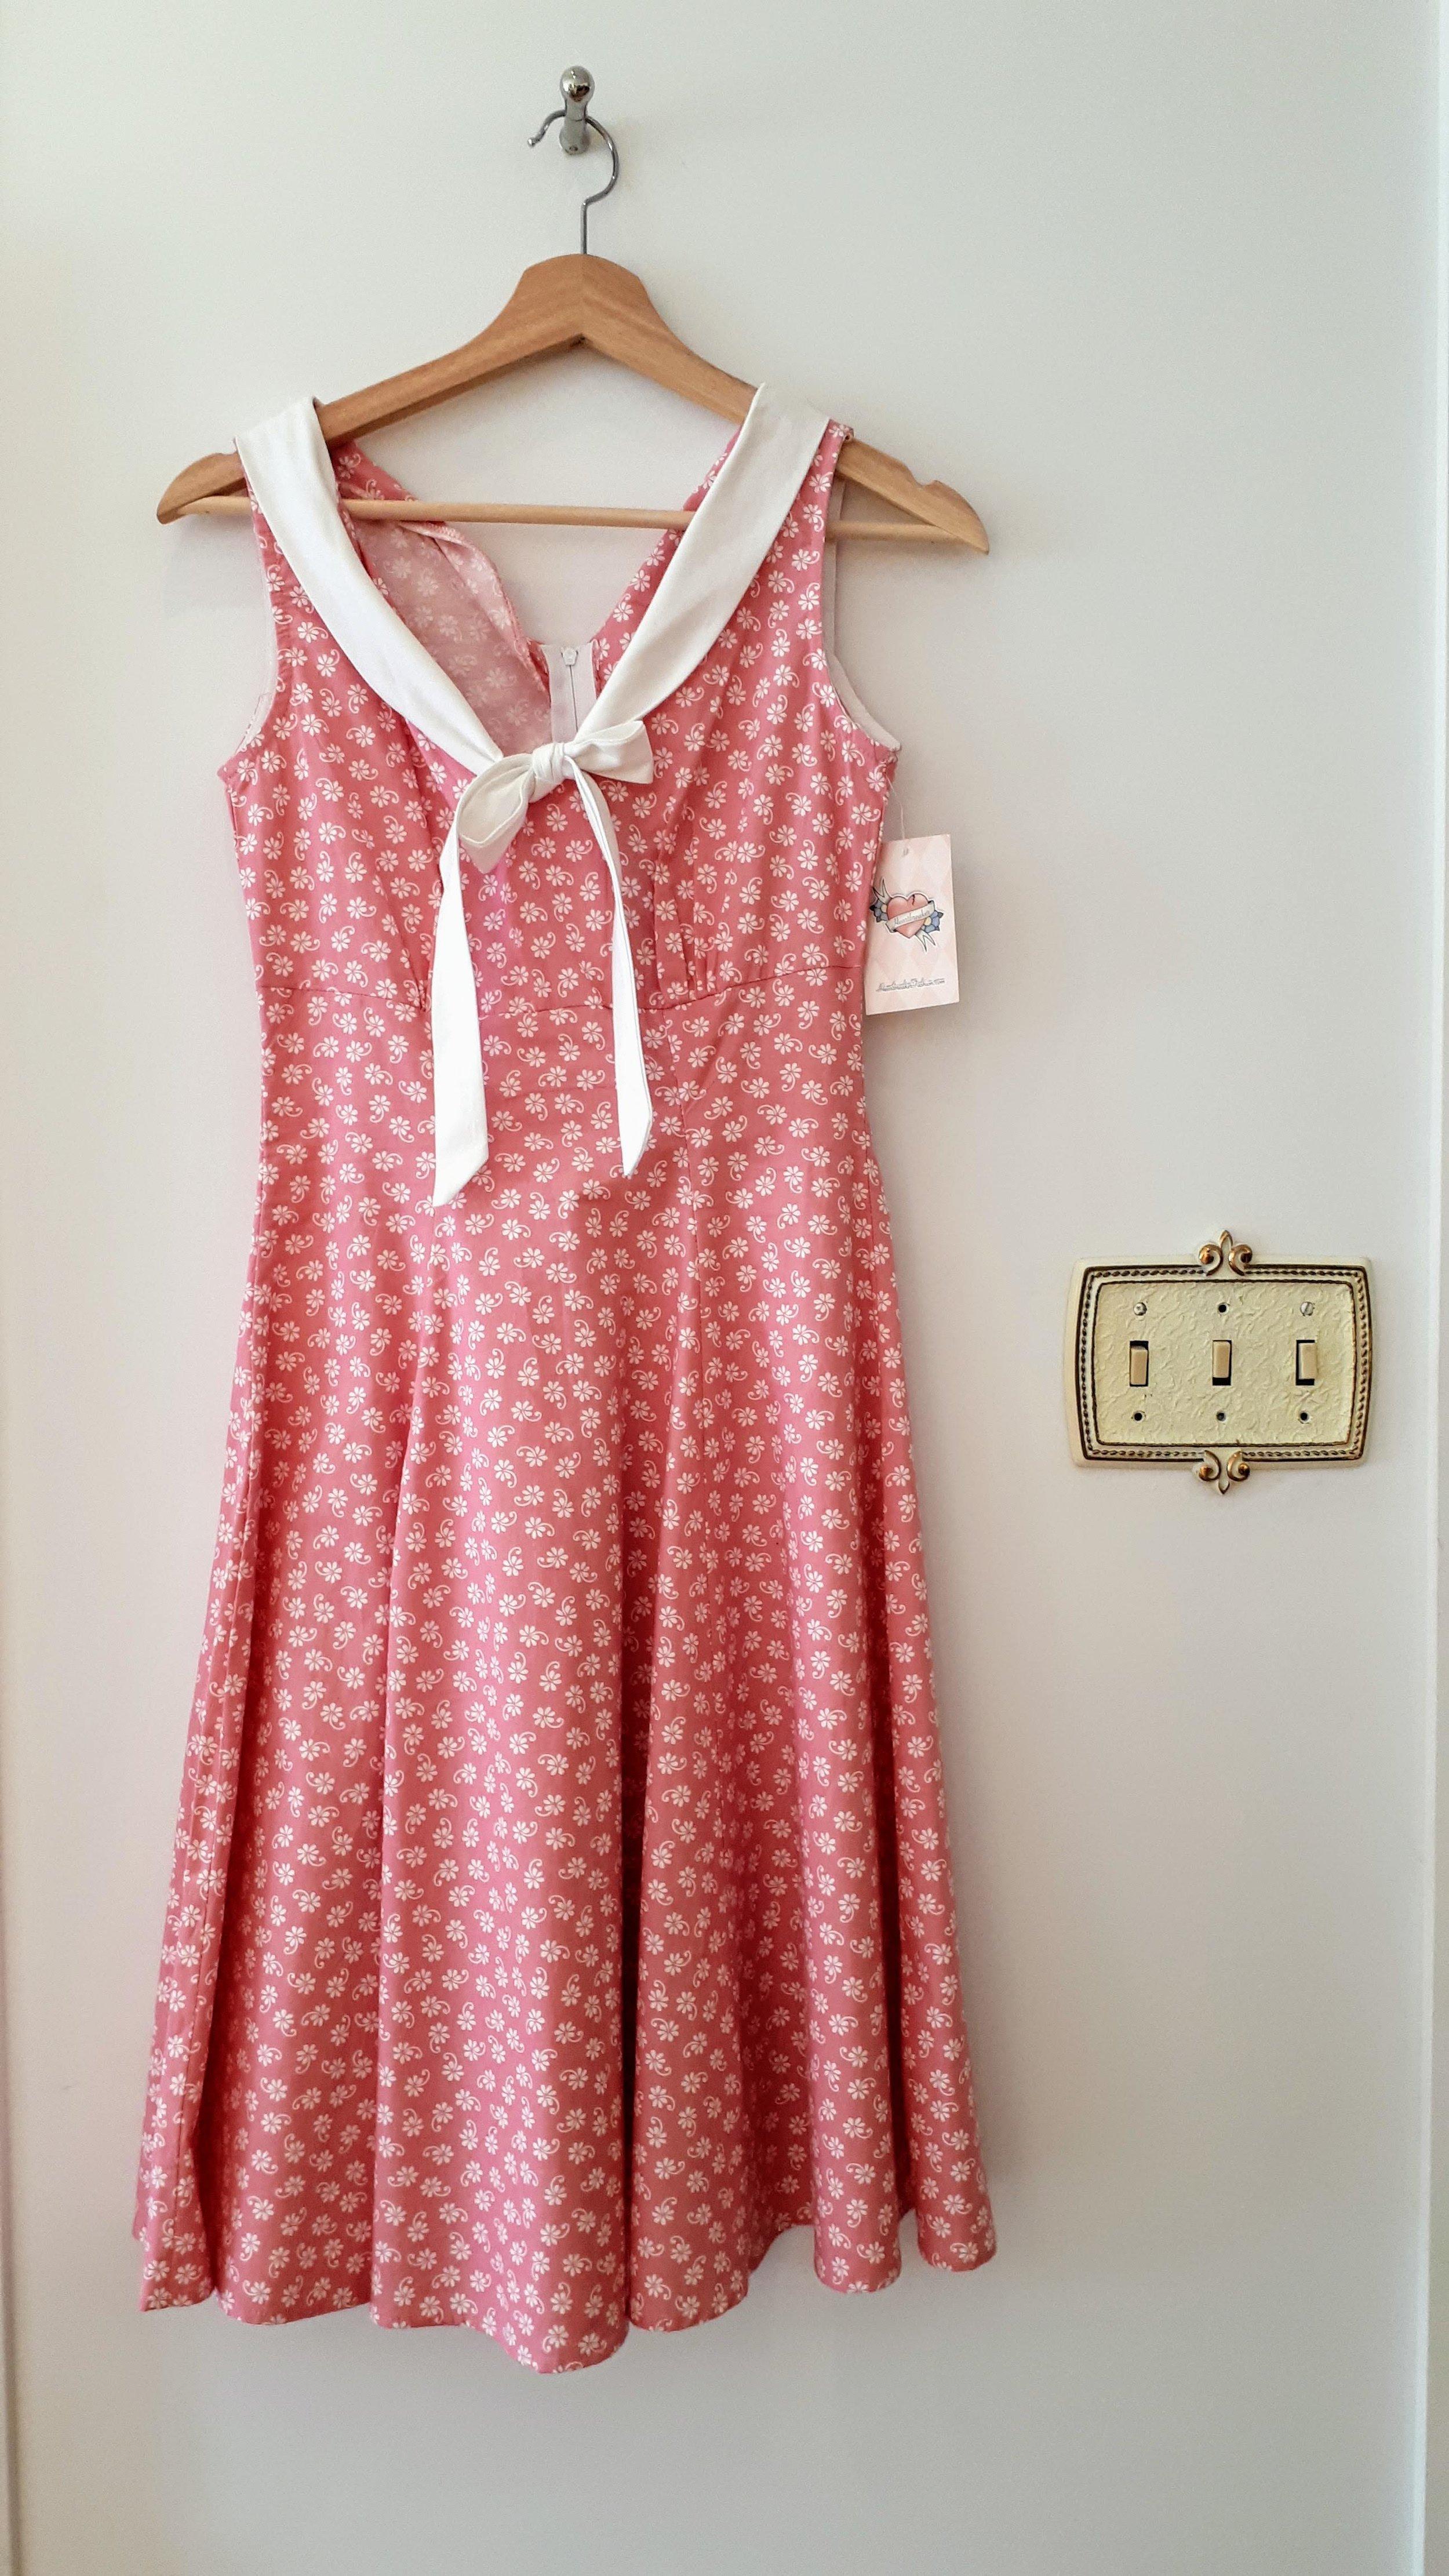 Heartbreaker dress (NWT); Size S, $30 (on sale for $15!)